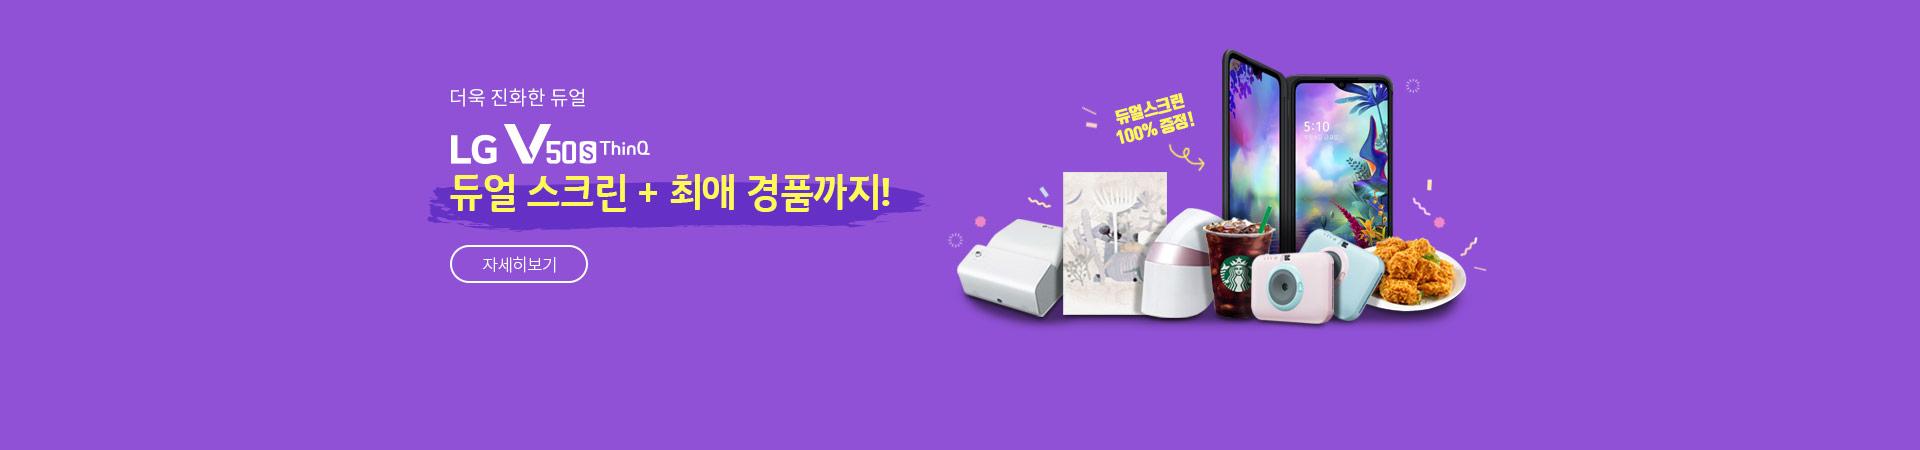 더욱 진화한 듀얼 LG V50s ThinQ 출시! 듀얼 스크린+최애 경품까지! 듀얼스크린 100% 증정 자세히보기